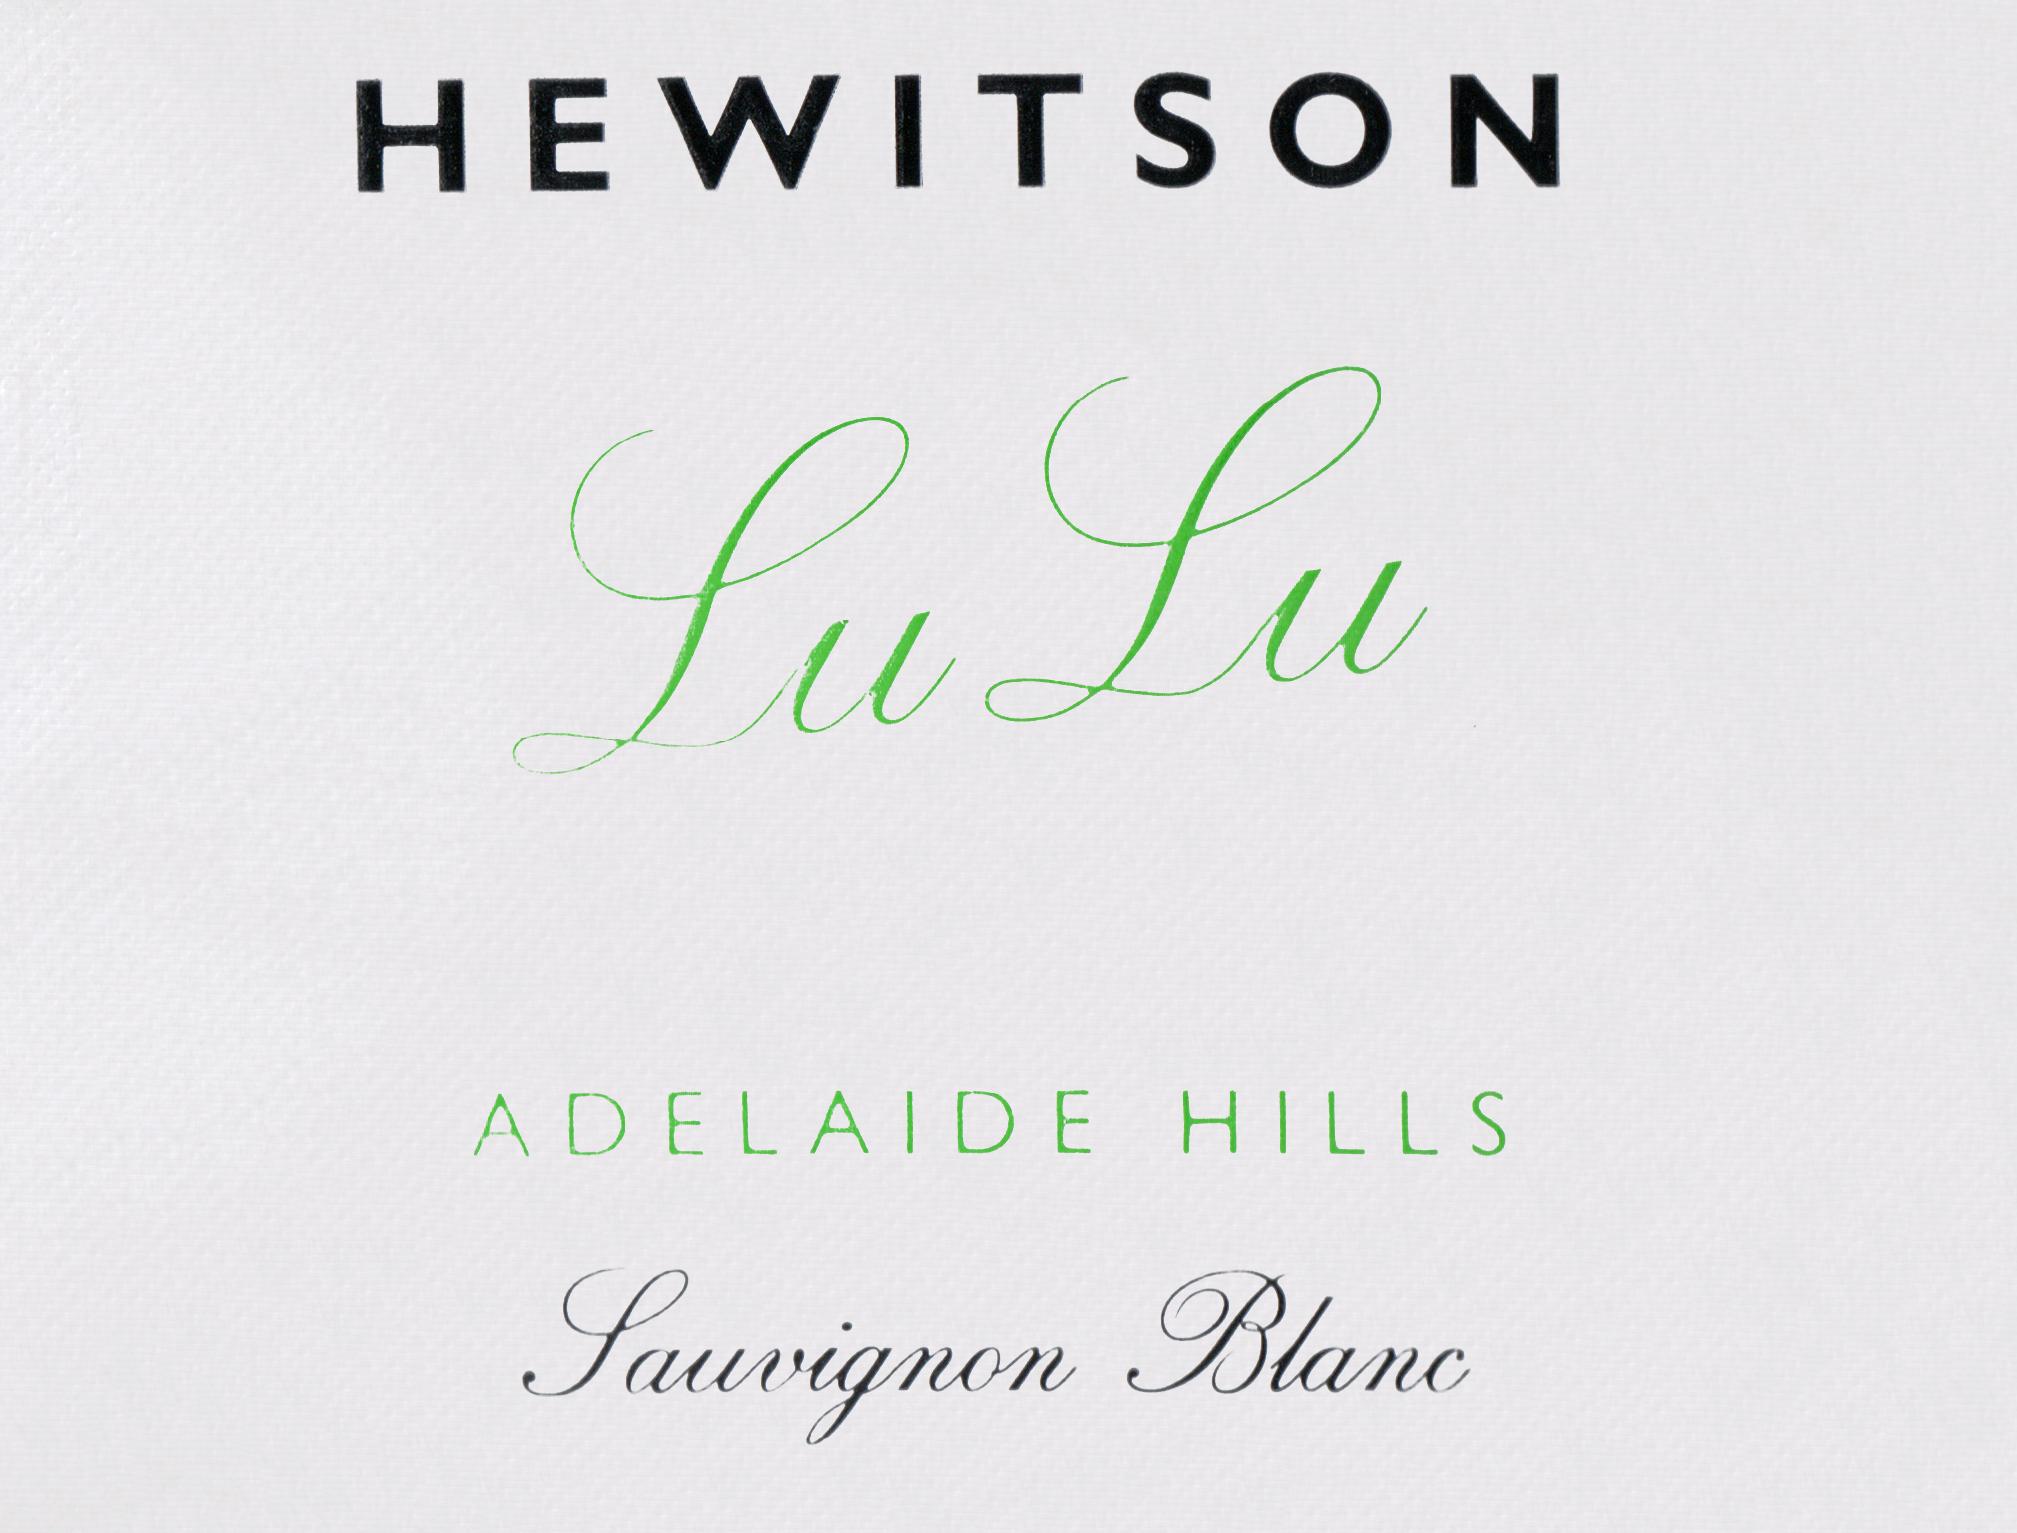 Hewitson Lu Lu Sauvignon Blanc 2020